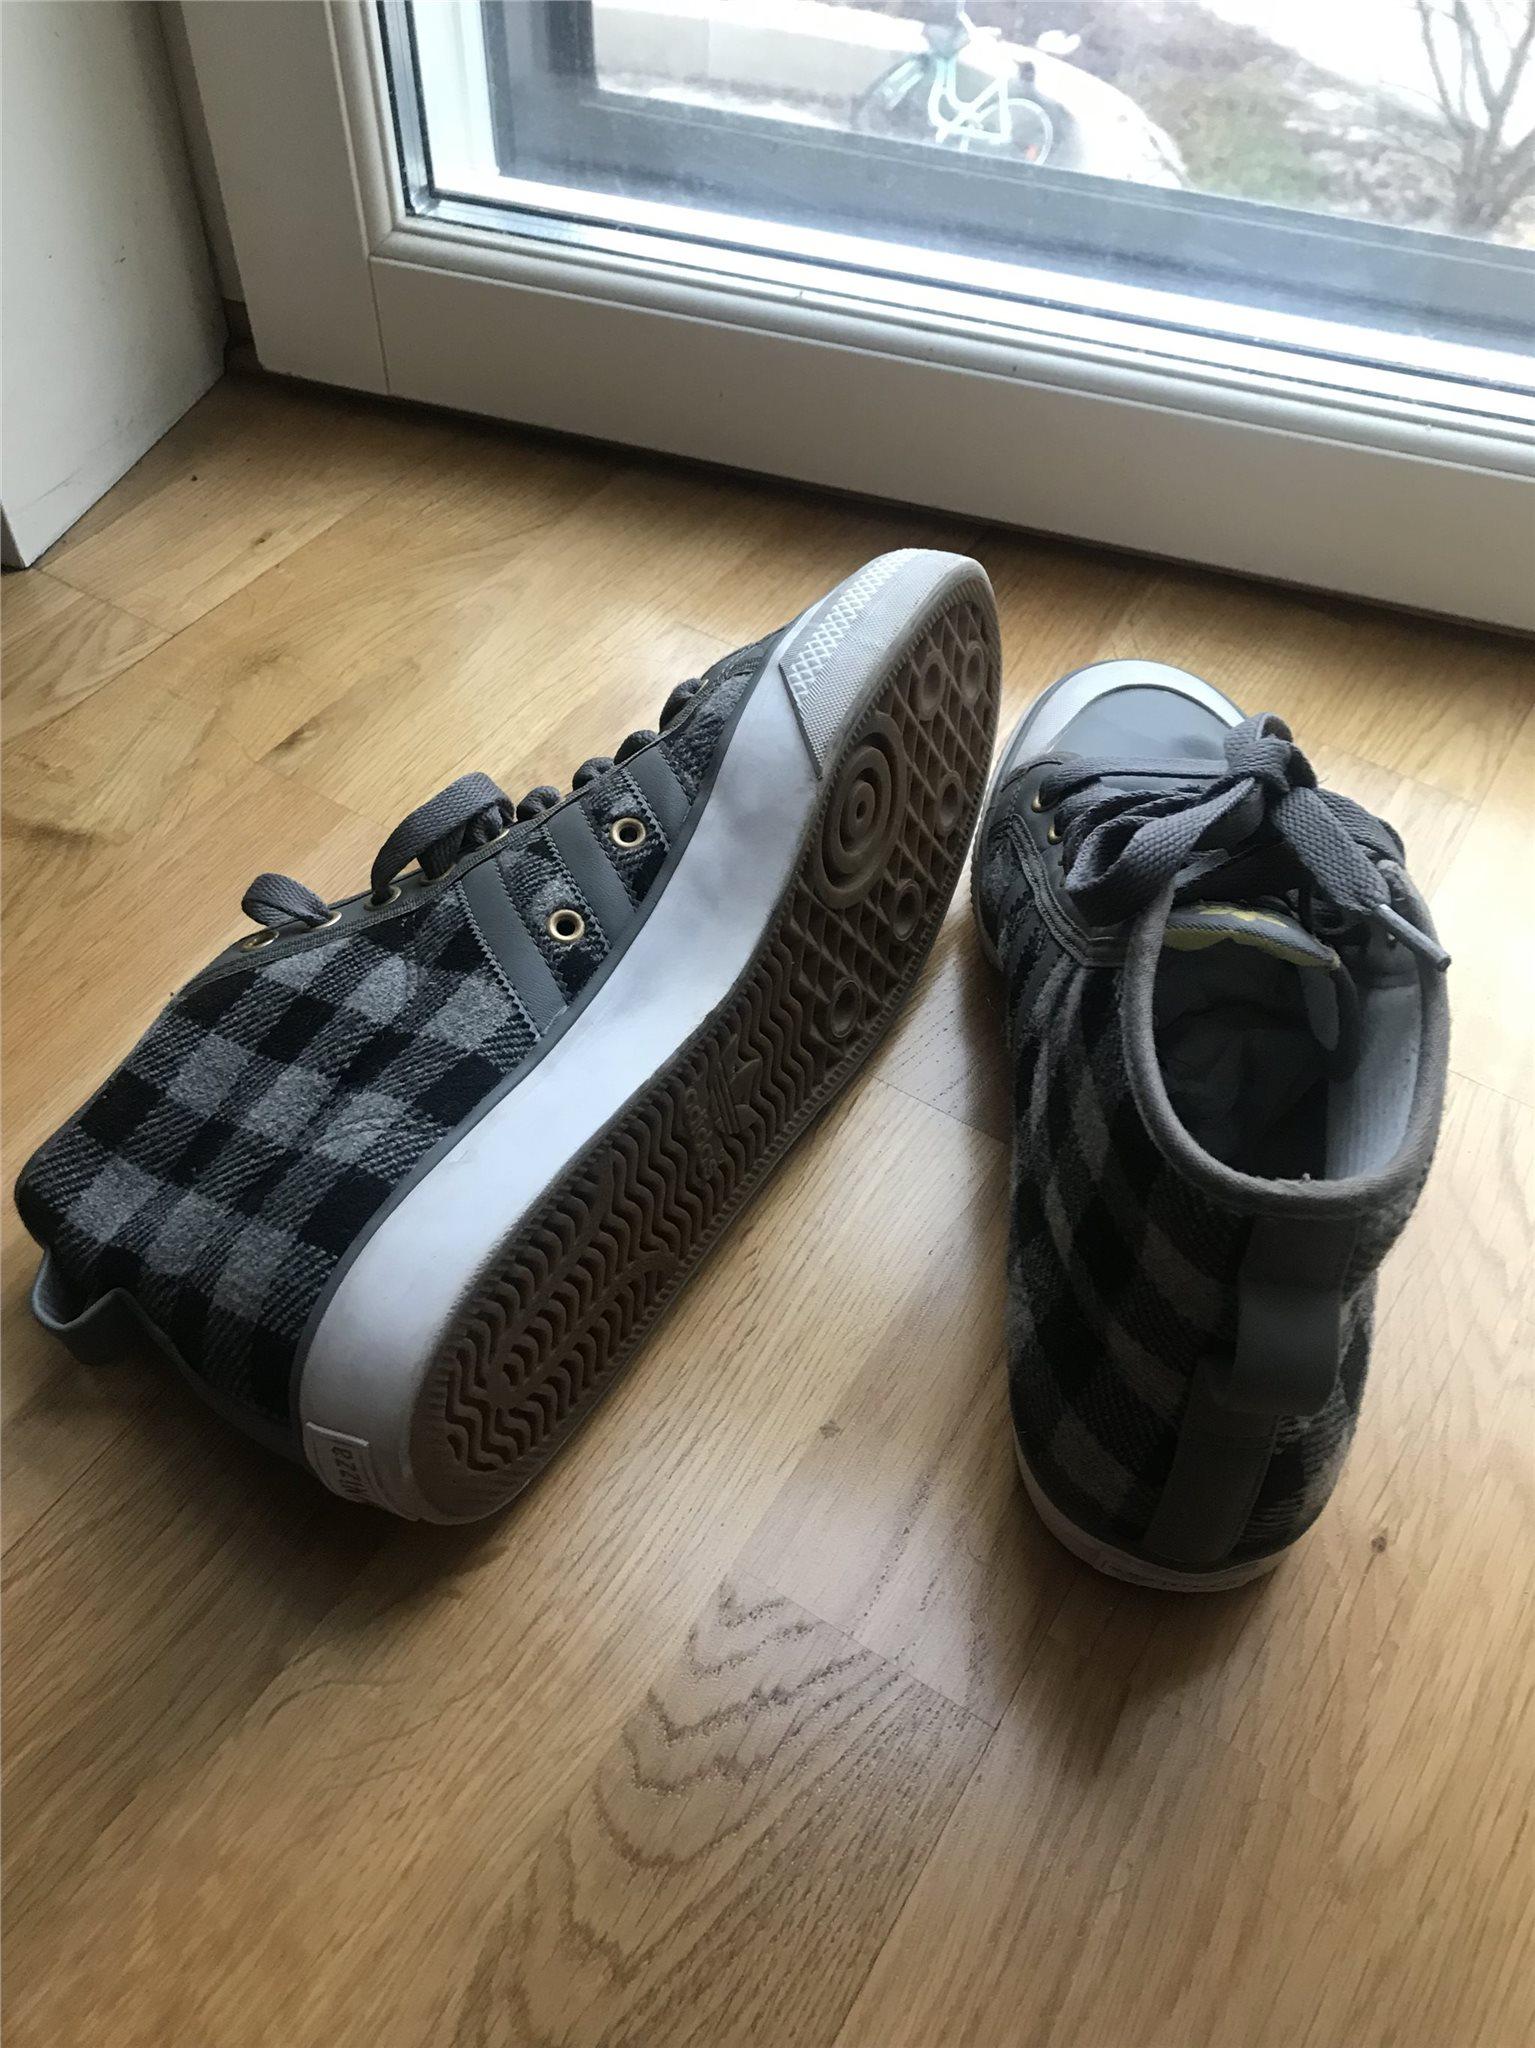 super popular 8c63f 619e3 ... Adidas Originals Nizza Hi Plaid Pack 43 13. 7 besökare. Adidas  Originals Nizza Hi ...